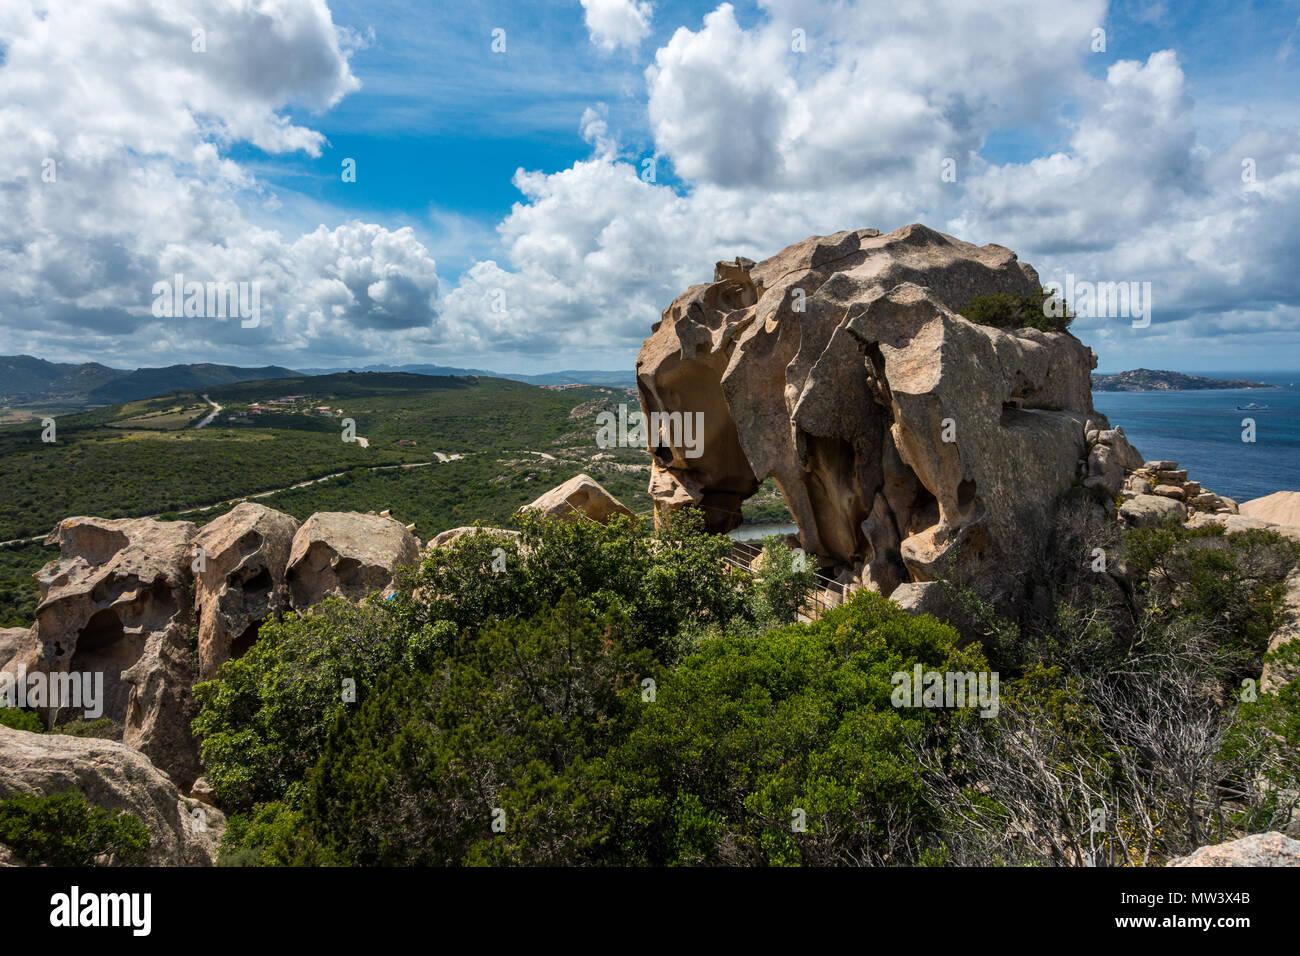 A view of the whole bear at Bear rock (Roccia dell'Orso), Capo d'Orso, Sardinia - Stock Image